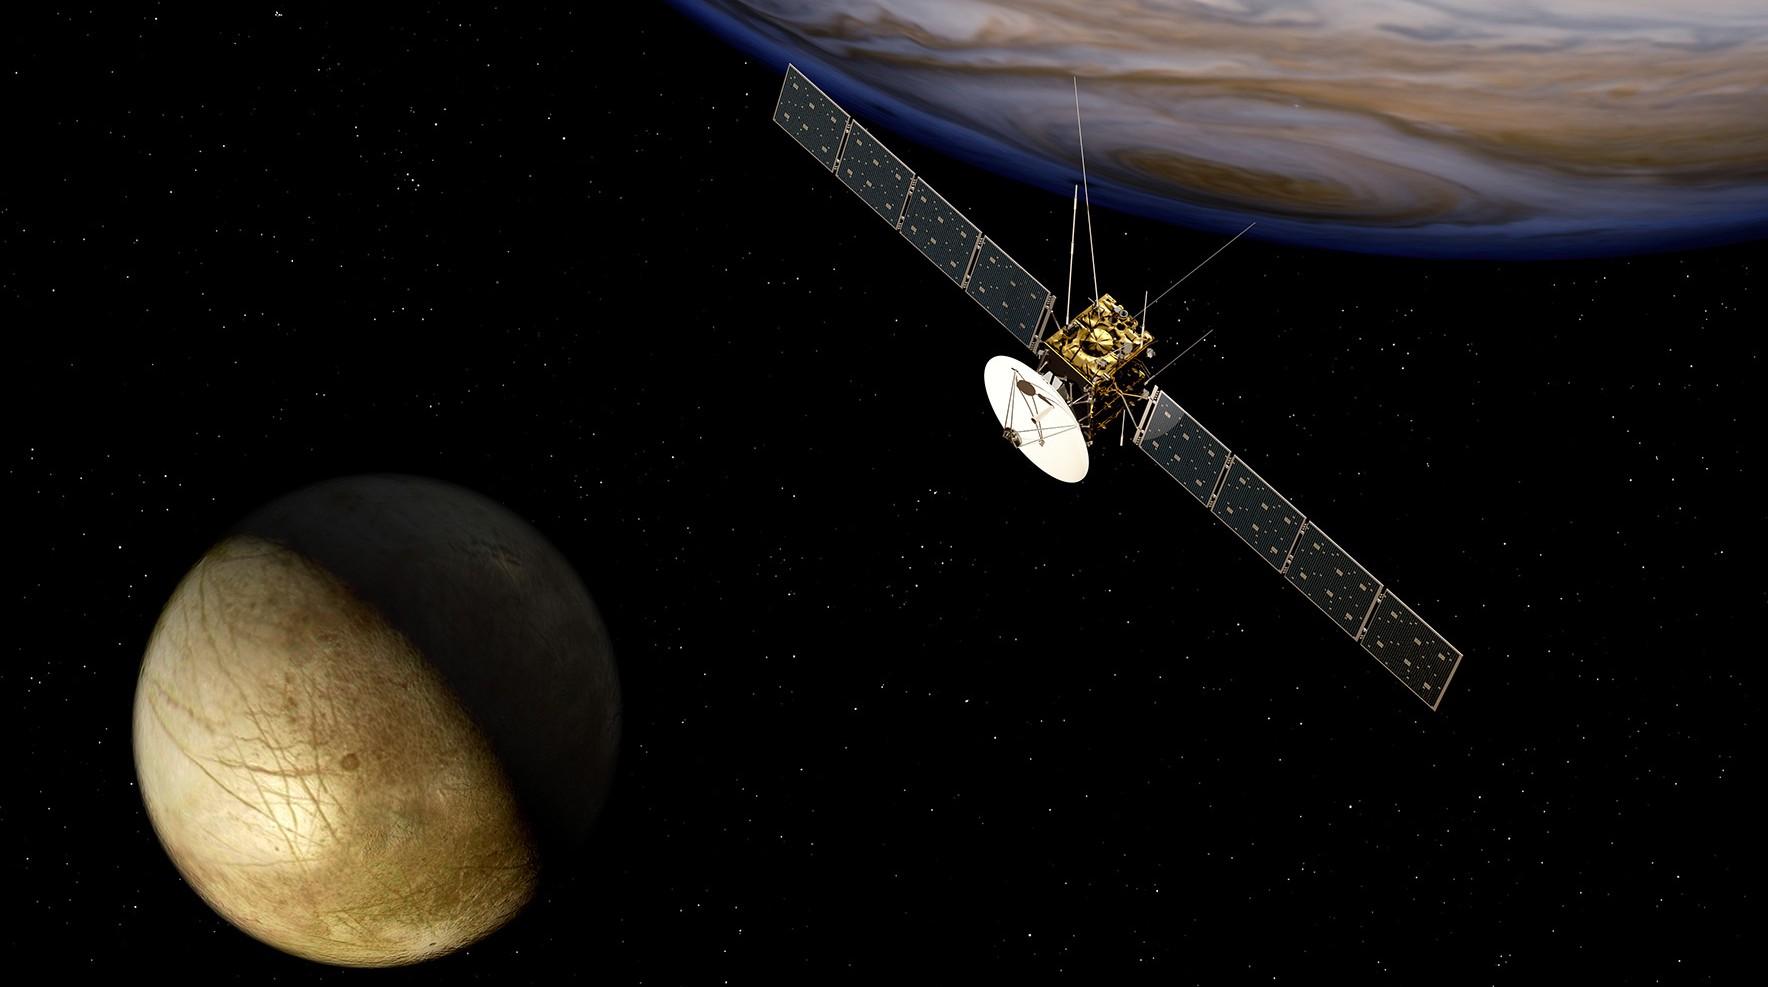 Polacy budują część europejskiej sondy, która zbada Jowisza